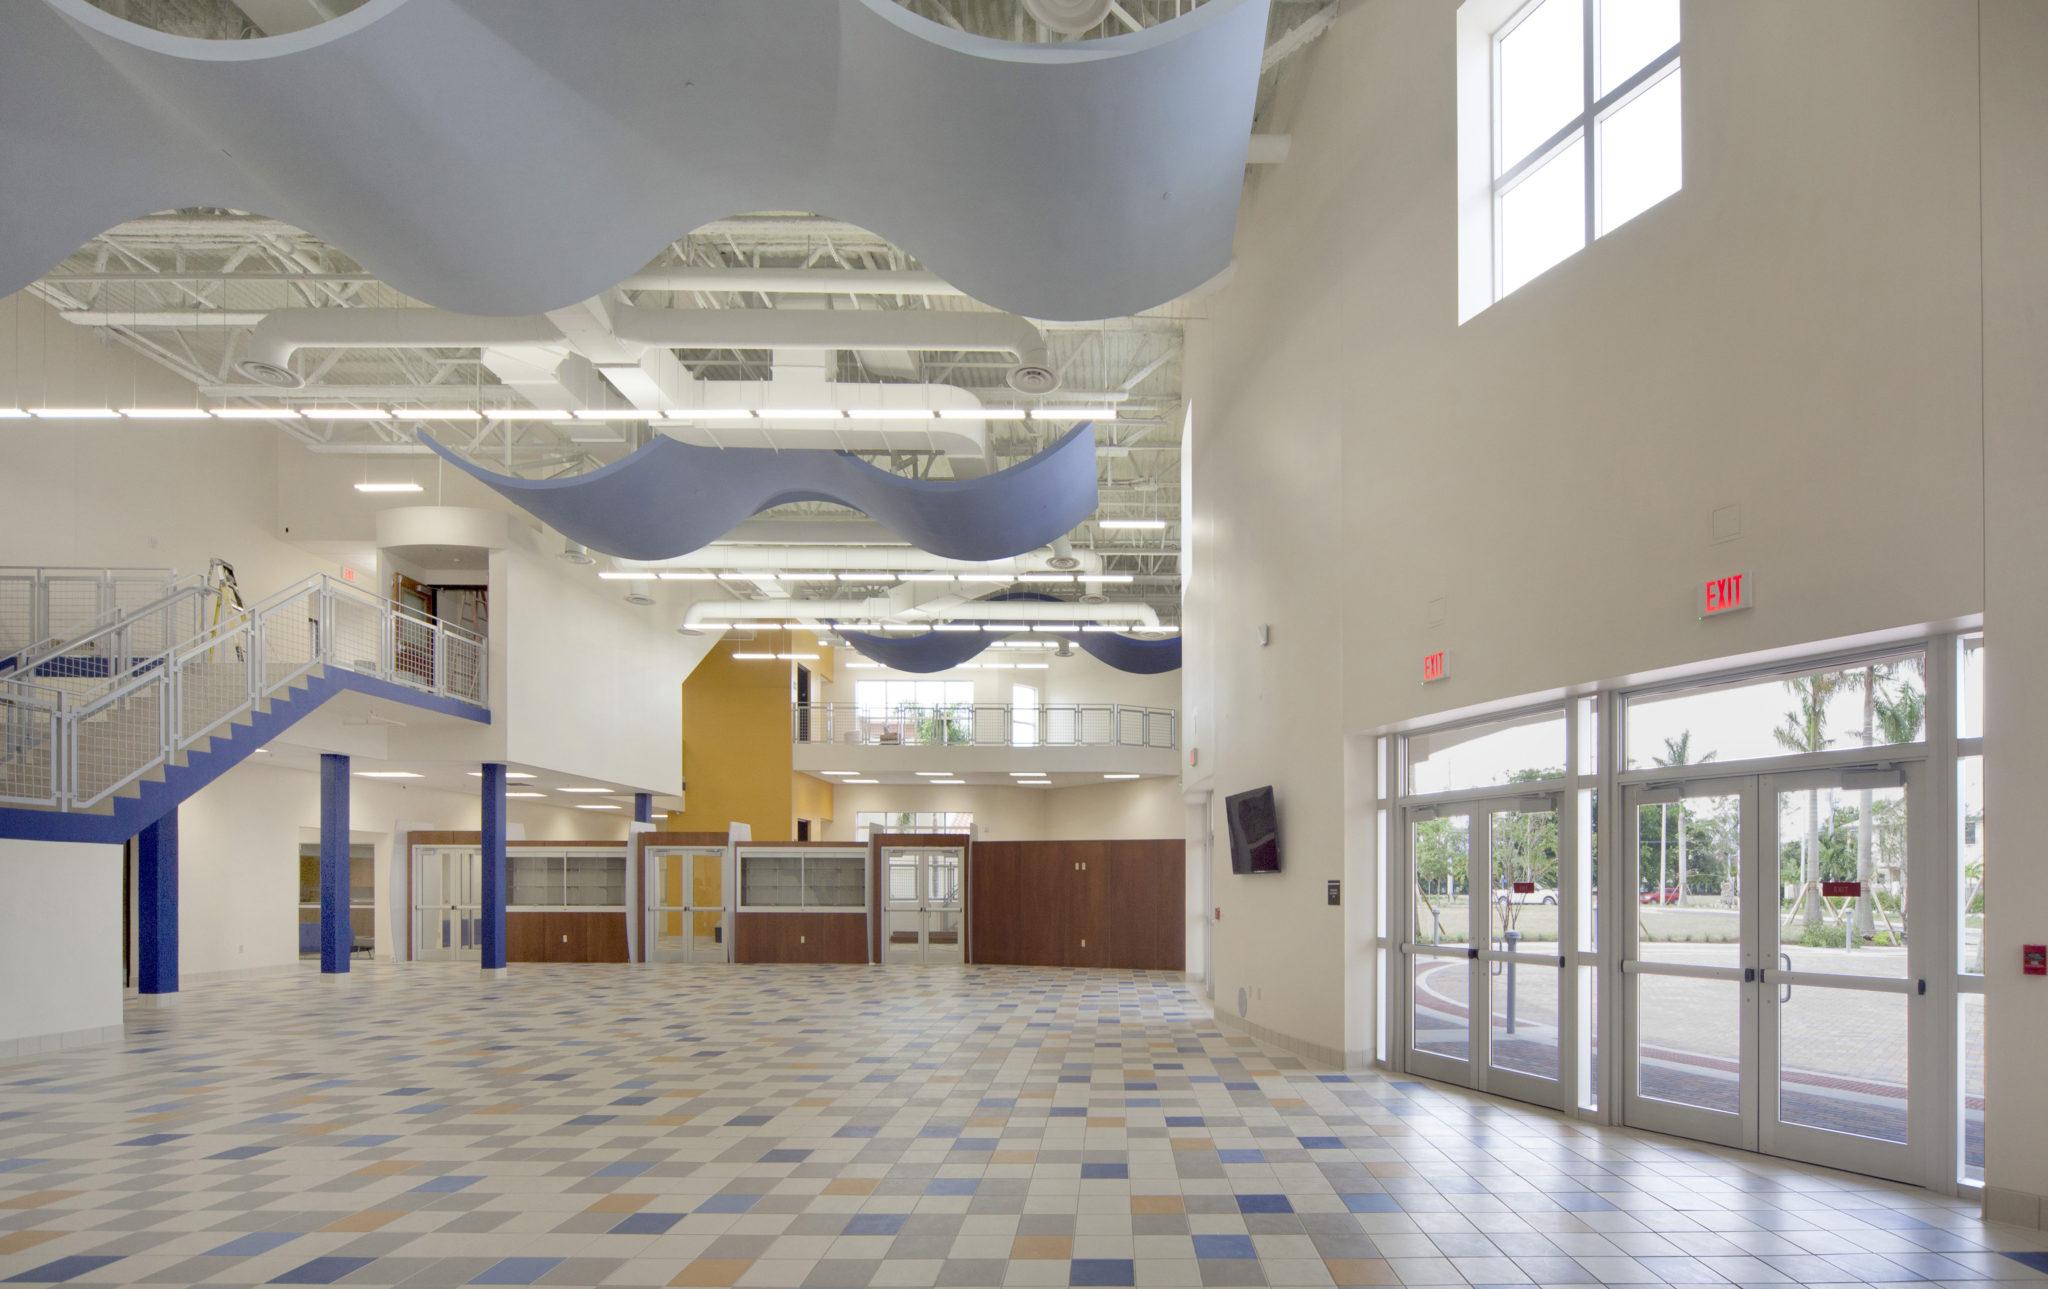 13_Doral High School